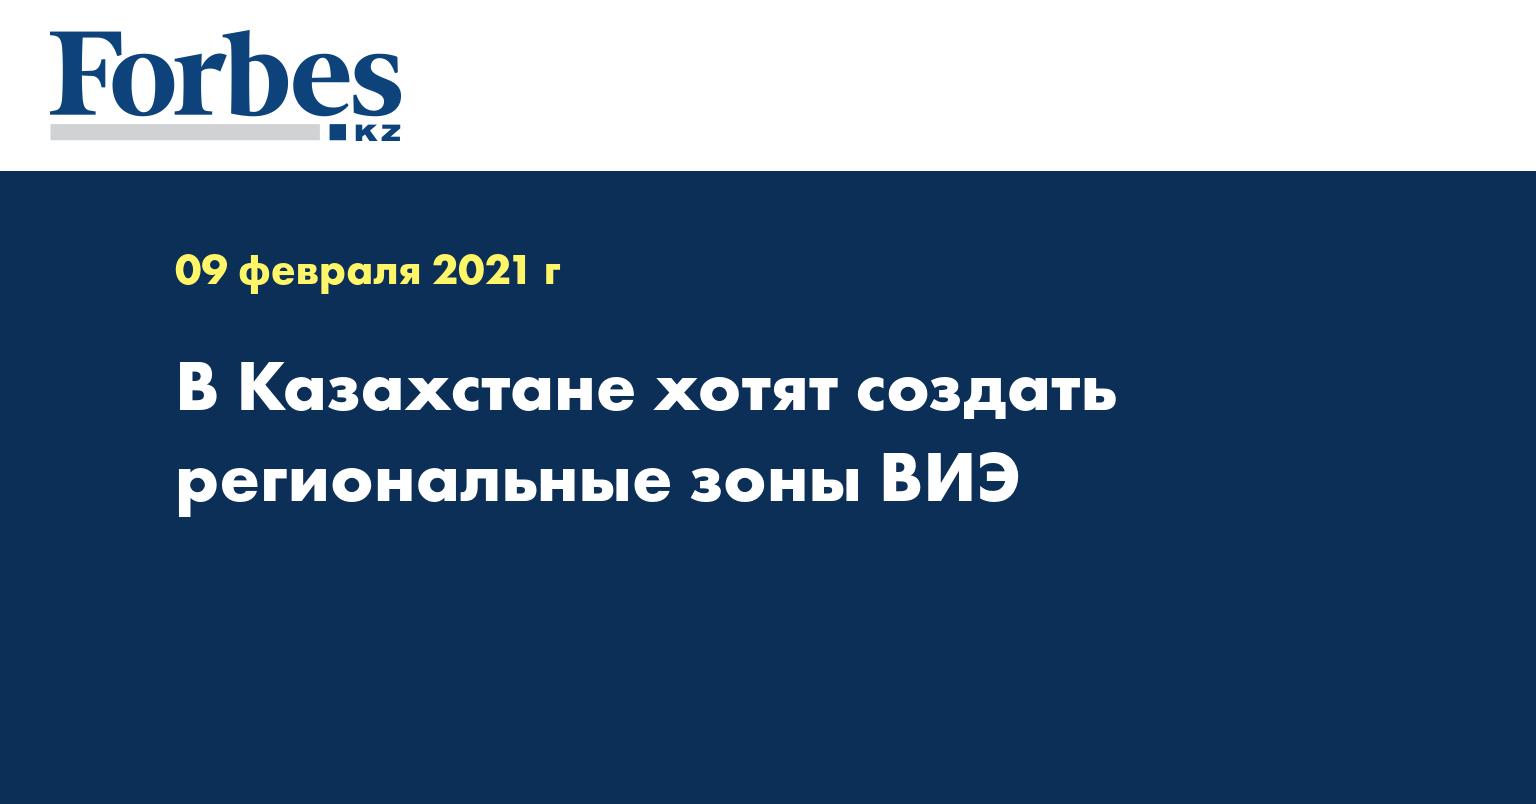 В Казахстане хотят создать региональные зоны ВИЭ